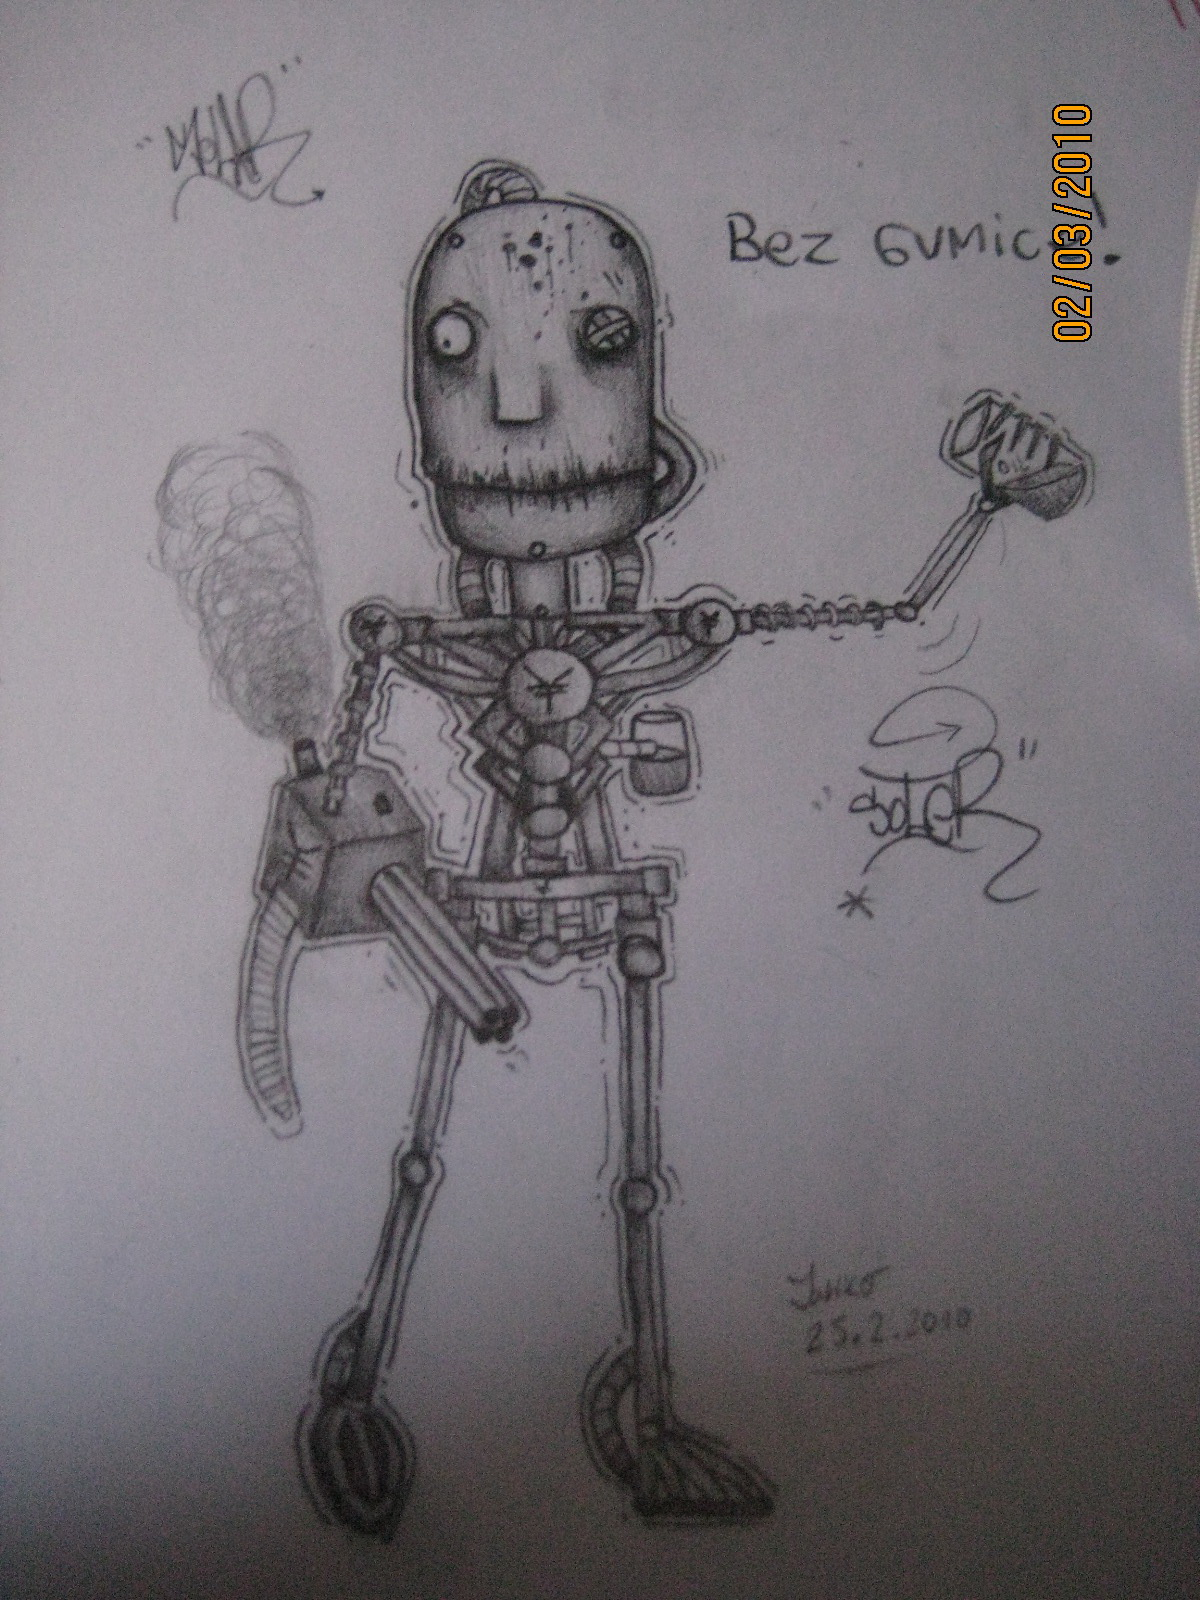 The killer robot